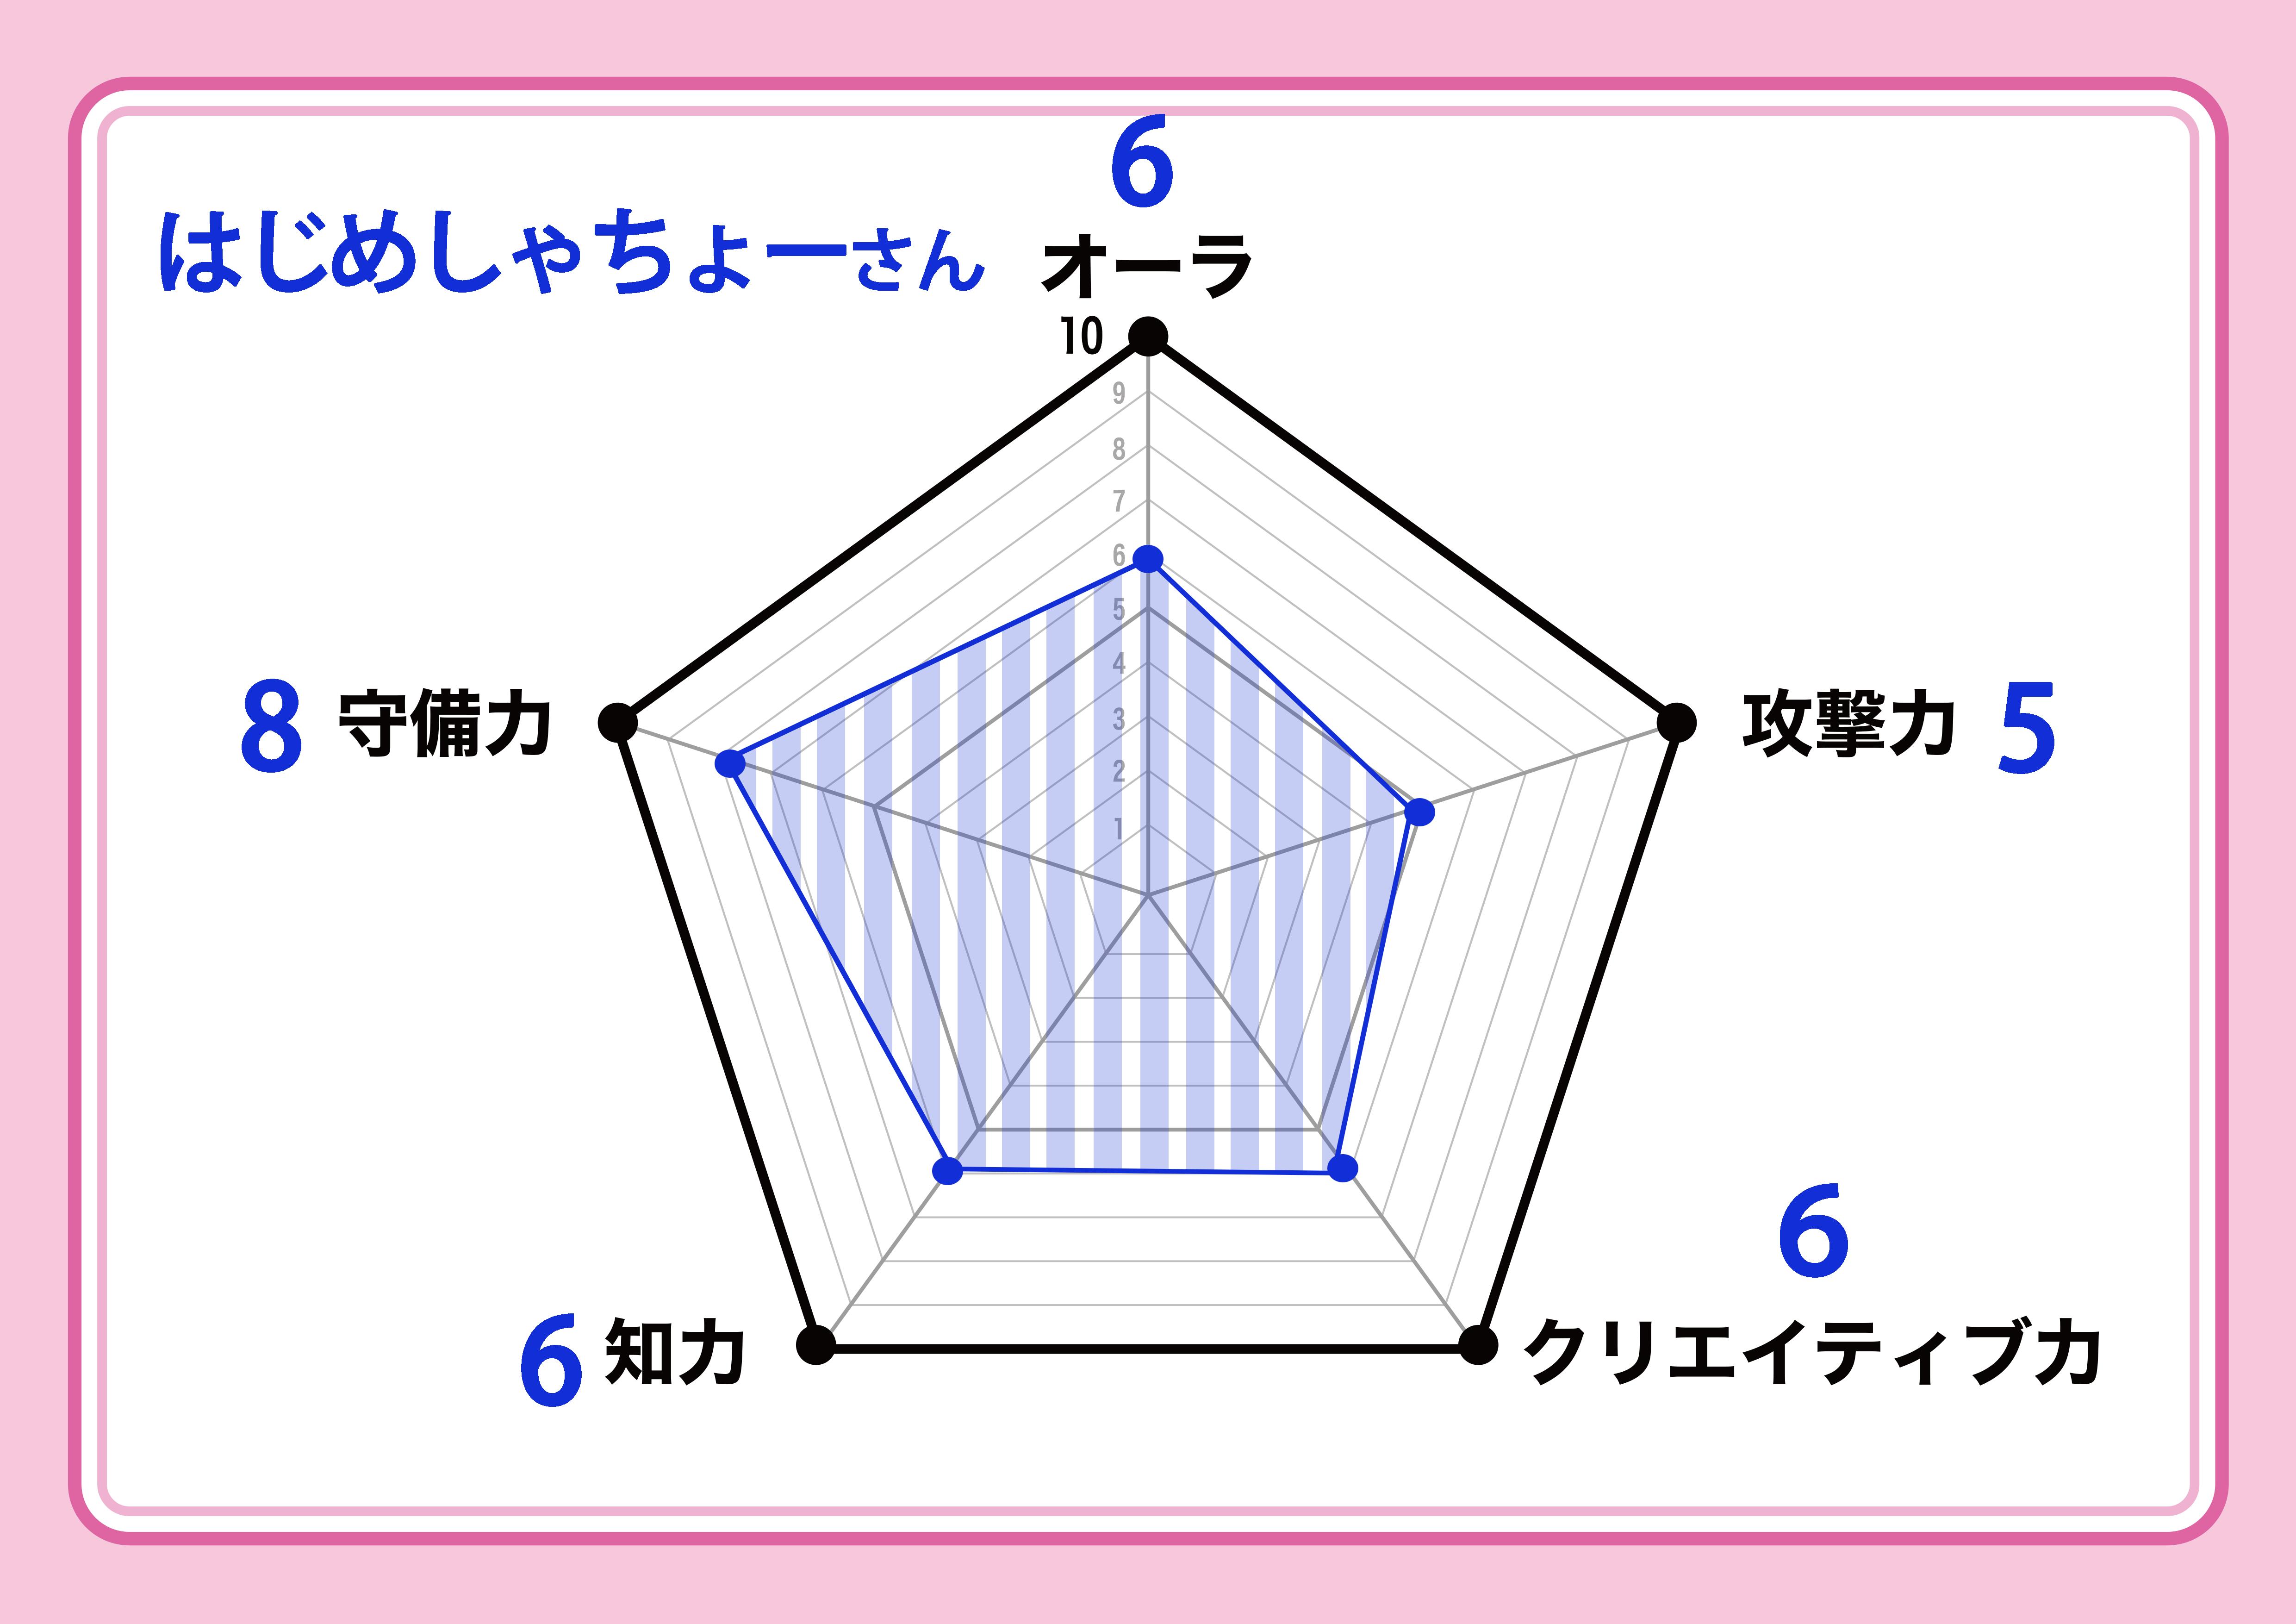 hajime_chart